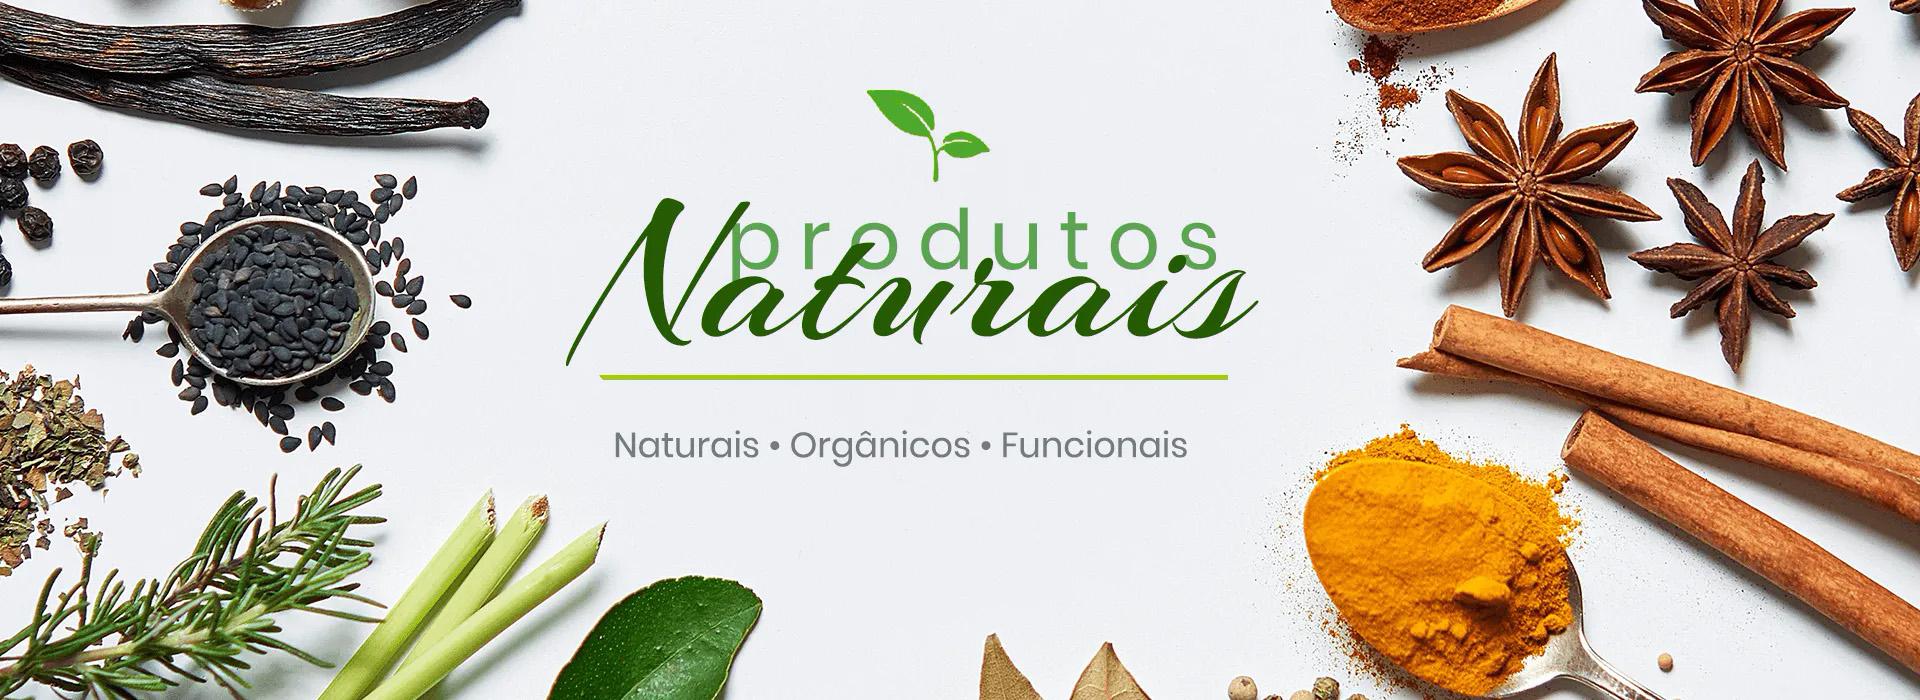 banner produtos naturais